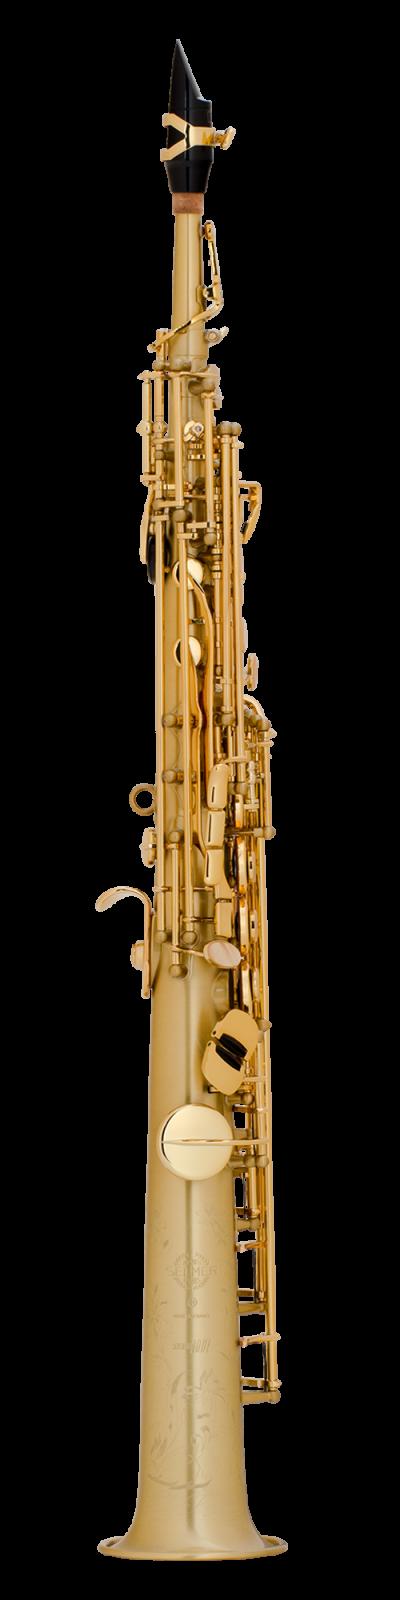 Selmer Paris Series III Model 53 Jubilee Soprano Saxophone